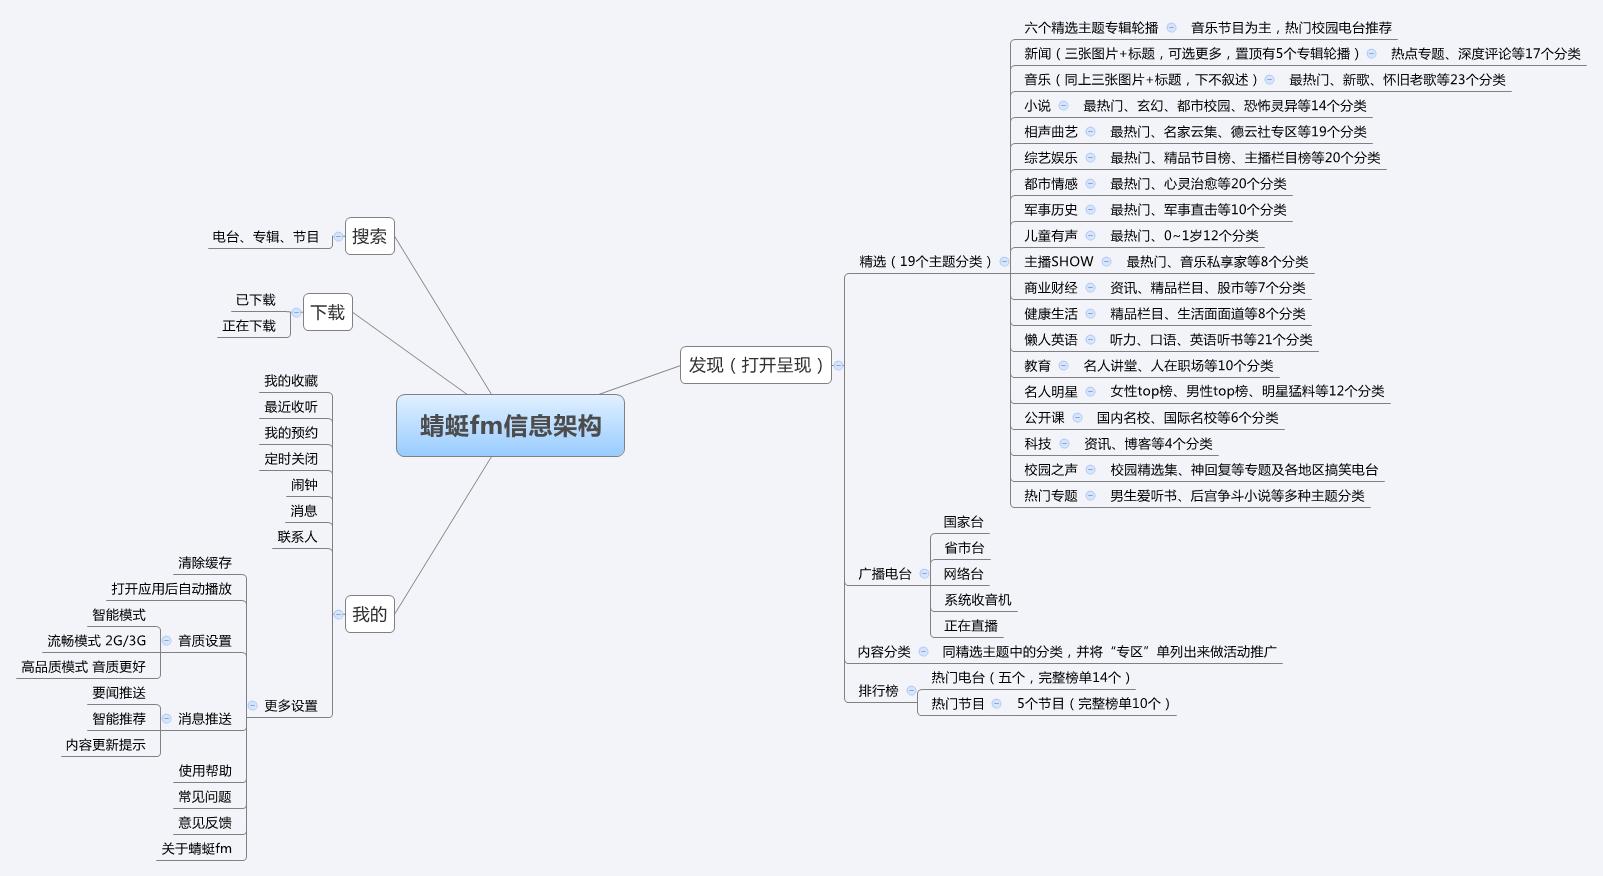 蜻蜓fm的信息架构